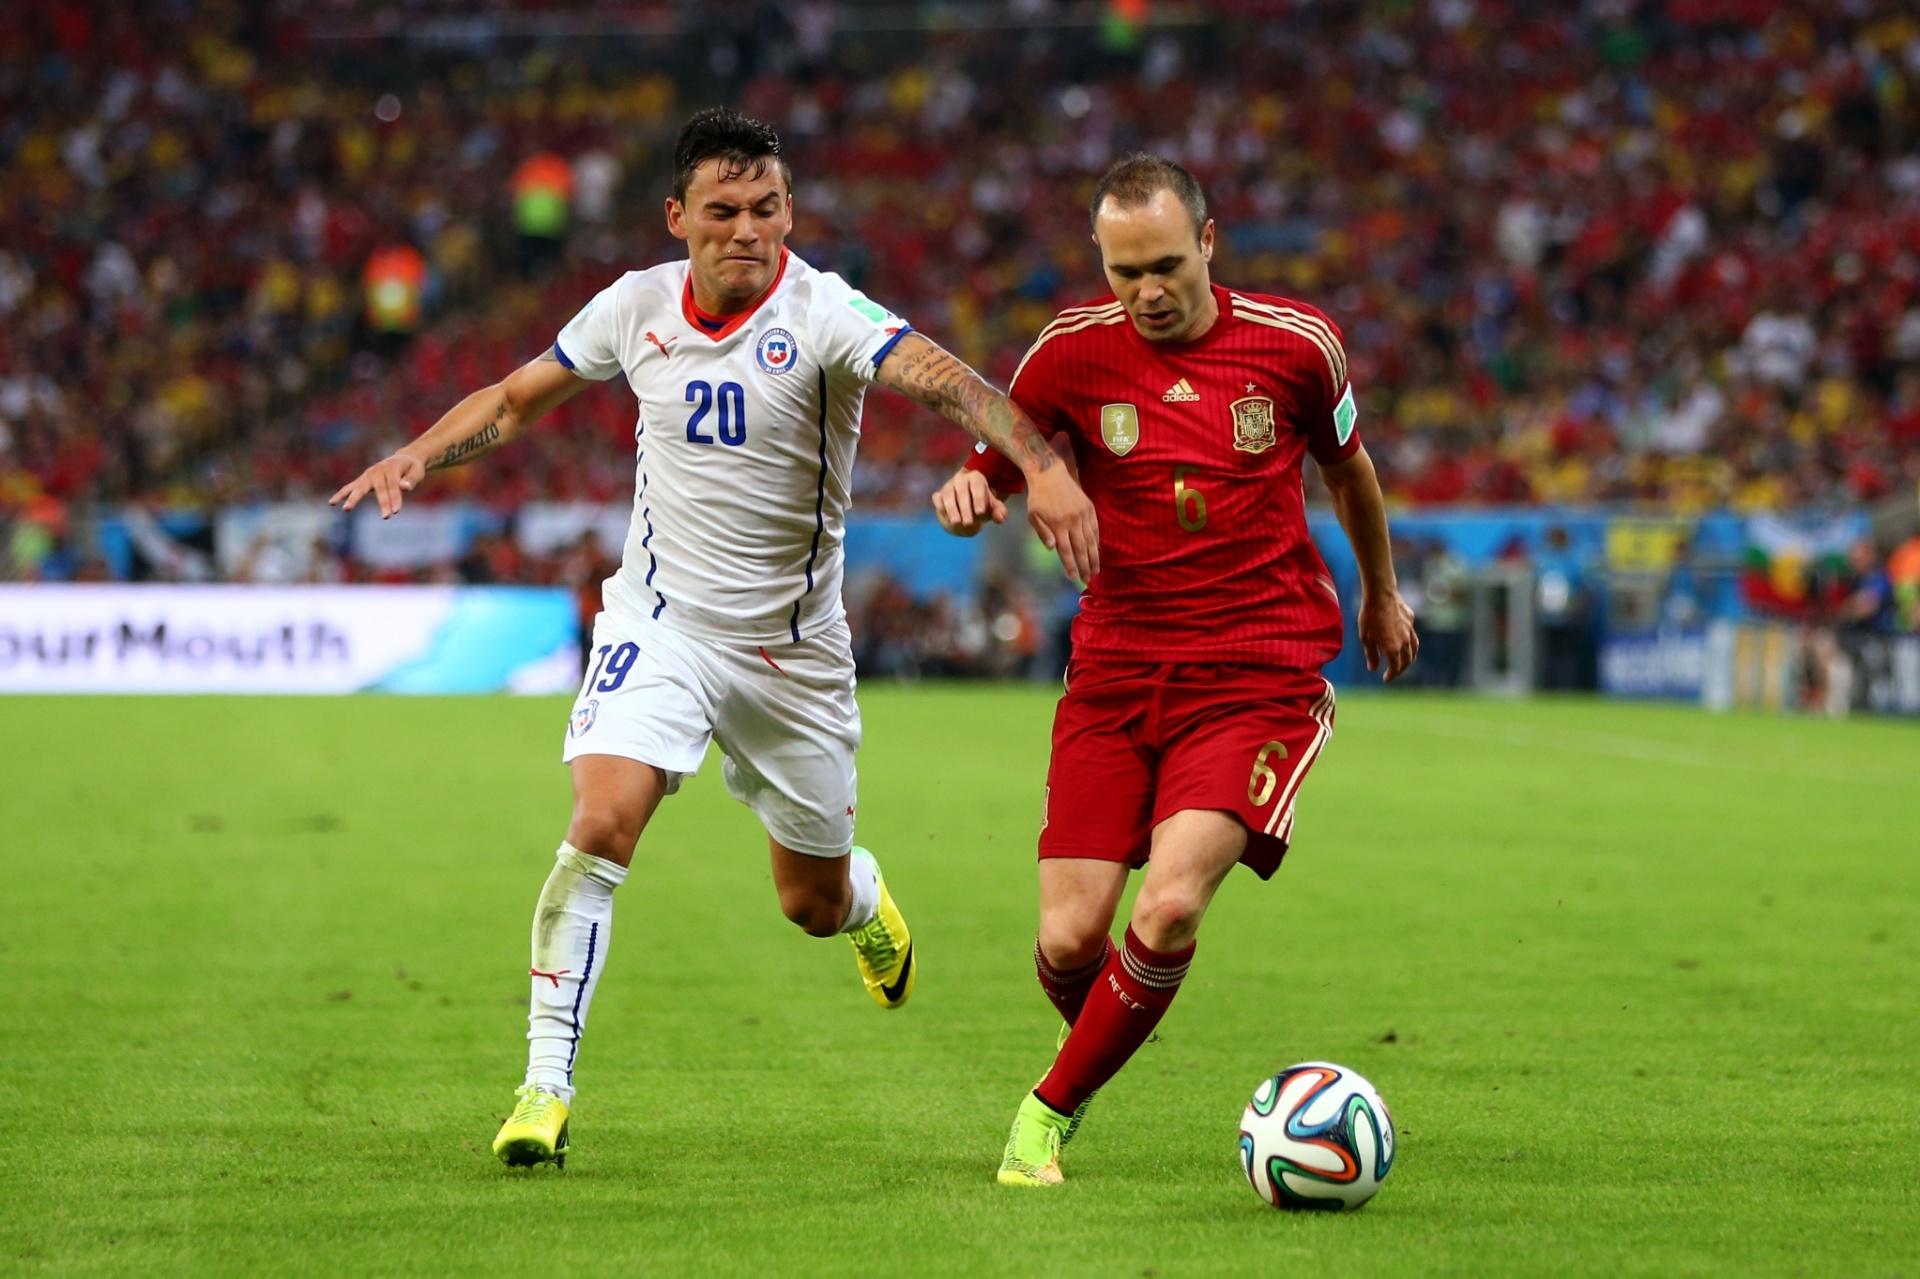 Chileno Aránguiz, que entrou em campo com o número 20 na camisa e o 19 no calção, briga pela bola com Iniesta no Maracanã